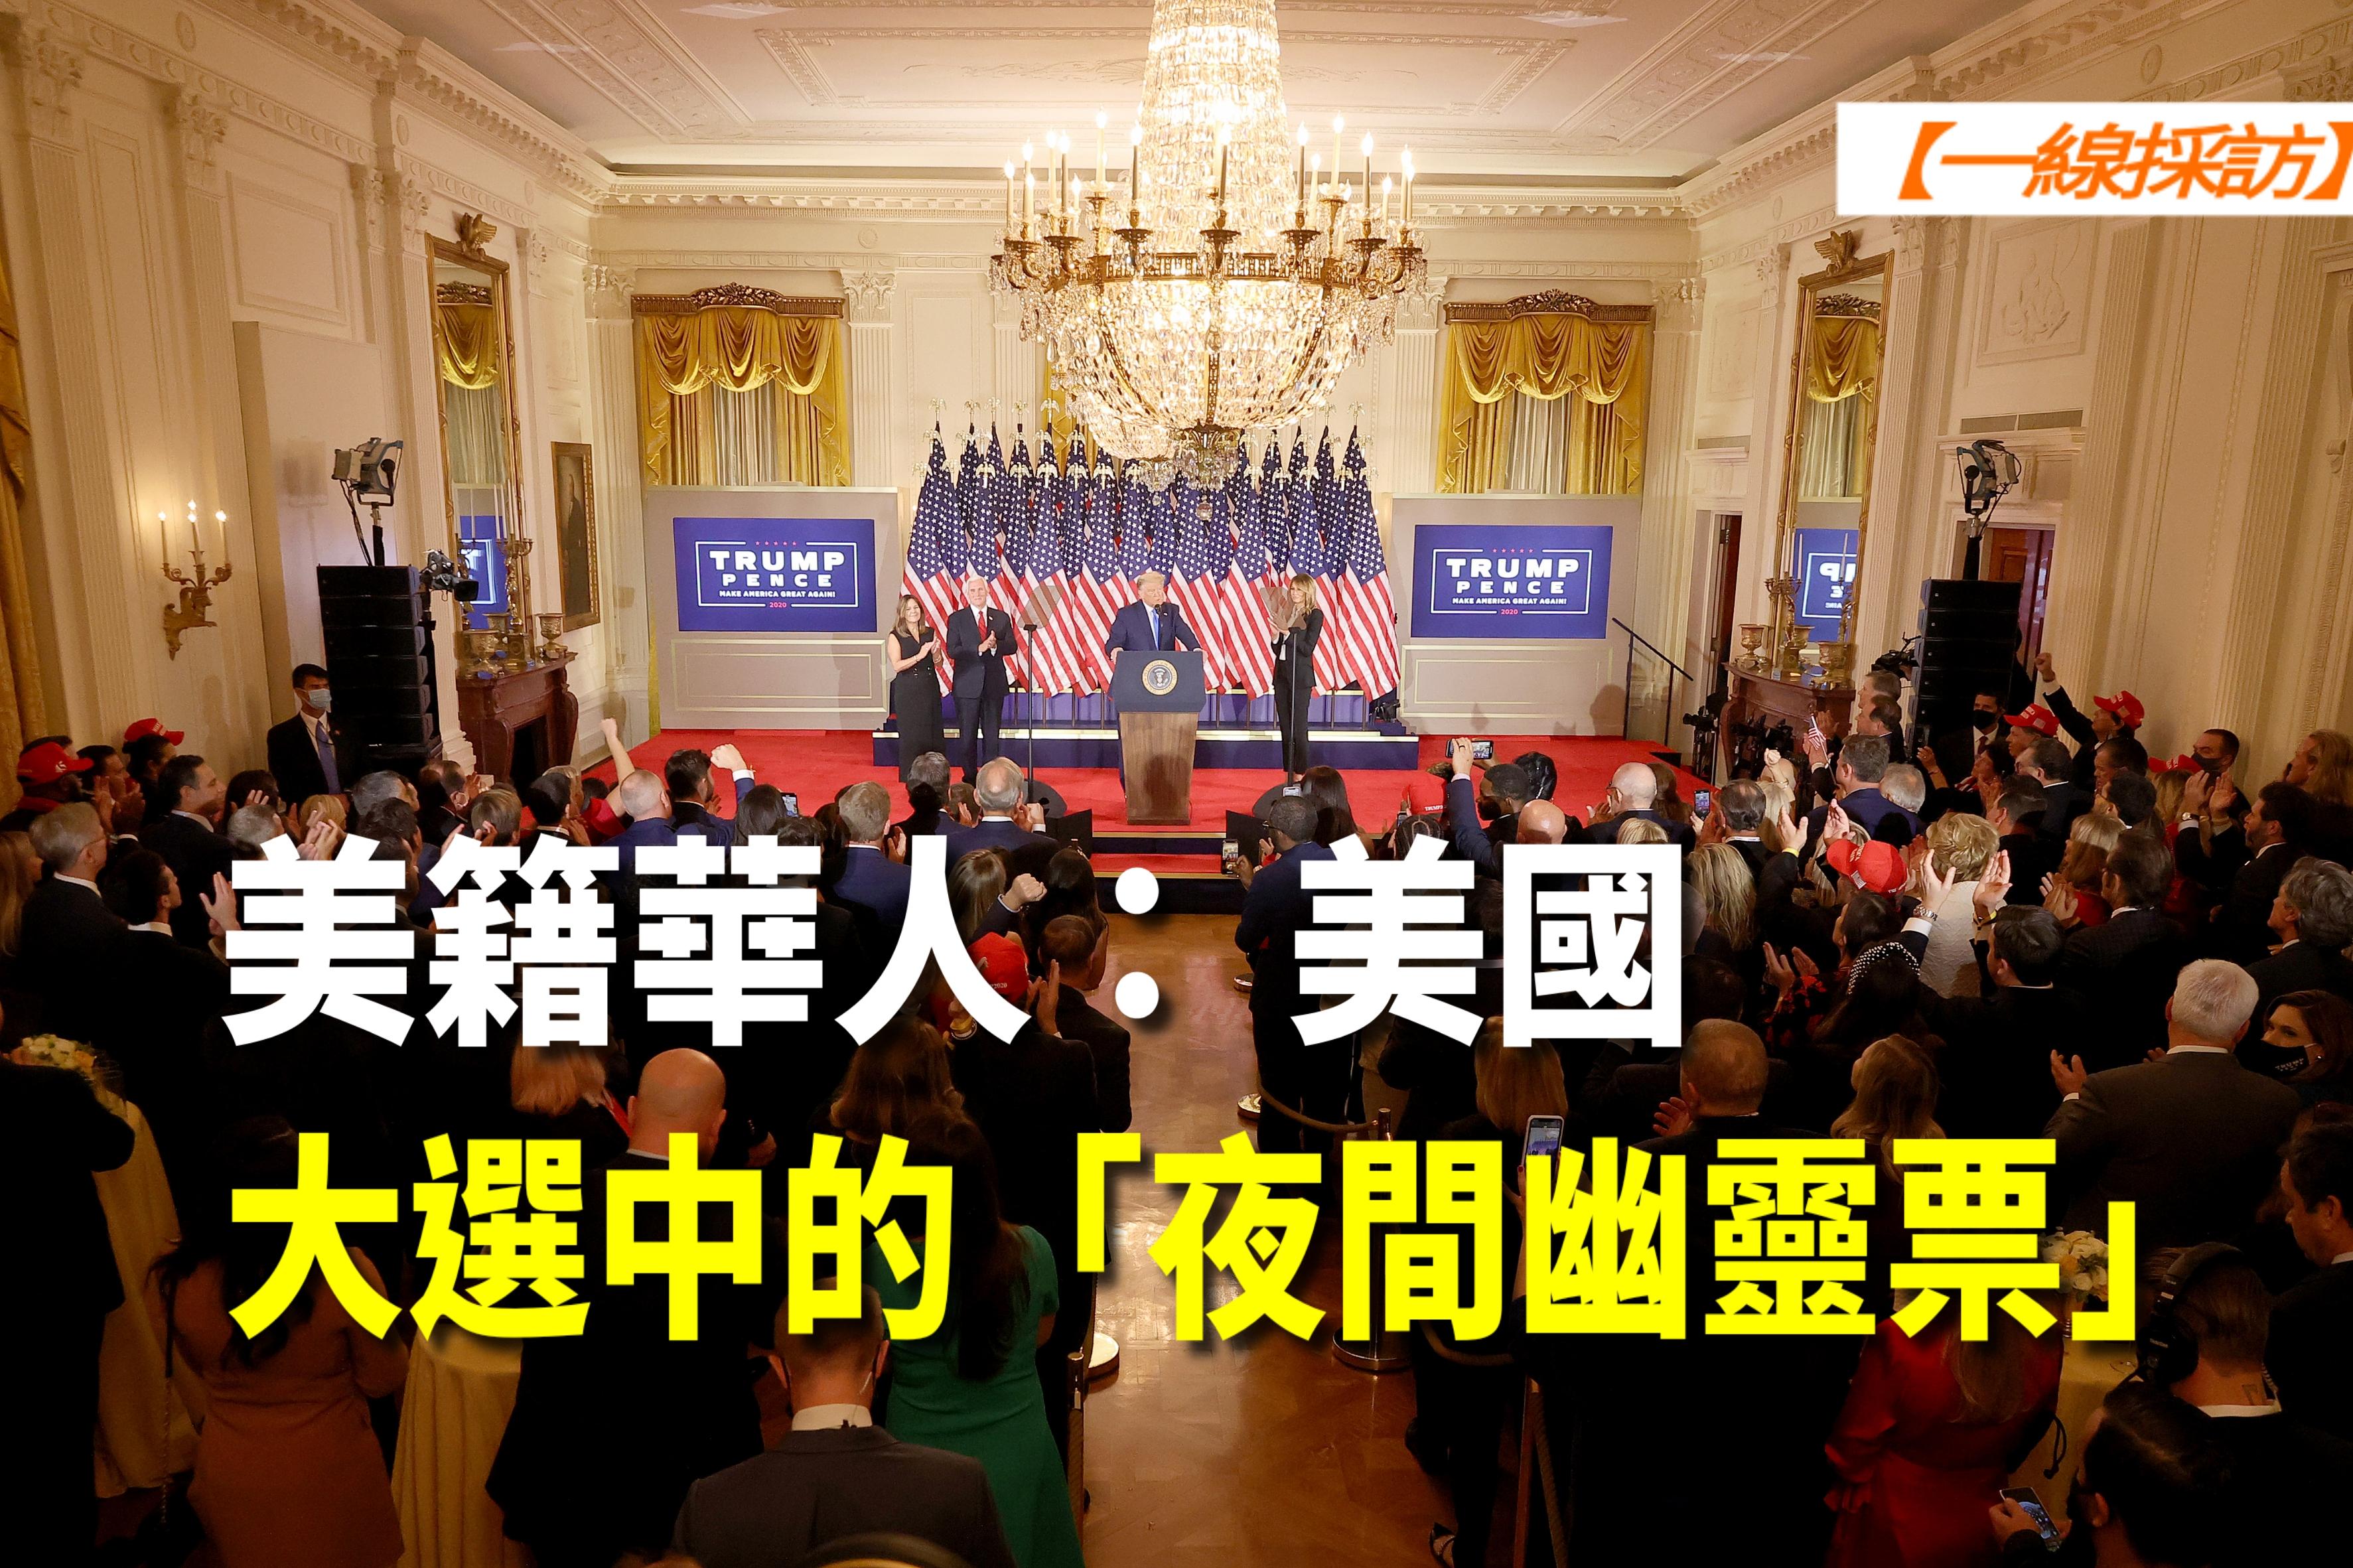 【一線採訪影片版】華人:美大選中「夜間幽靈票」